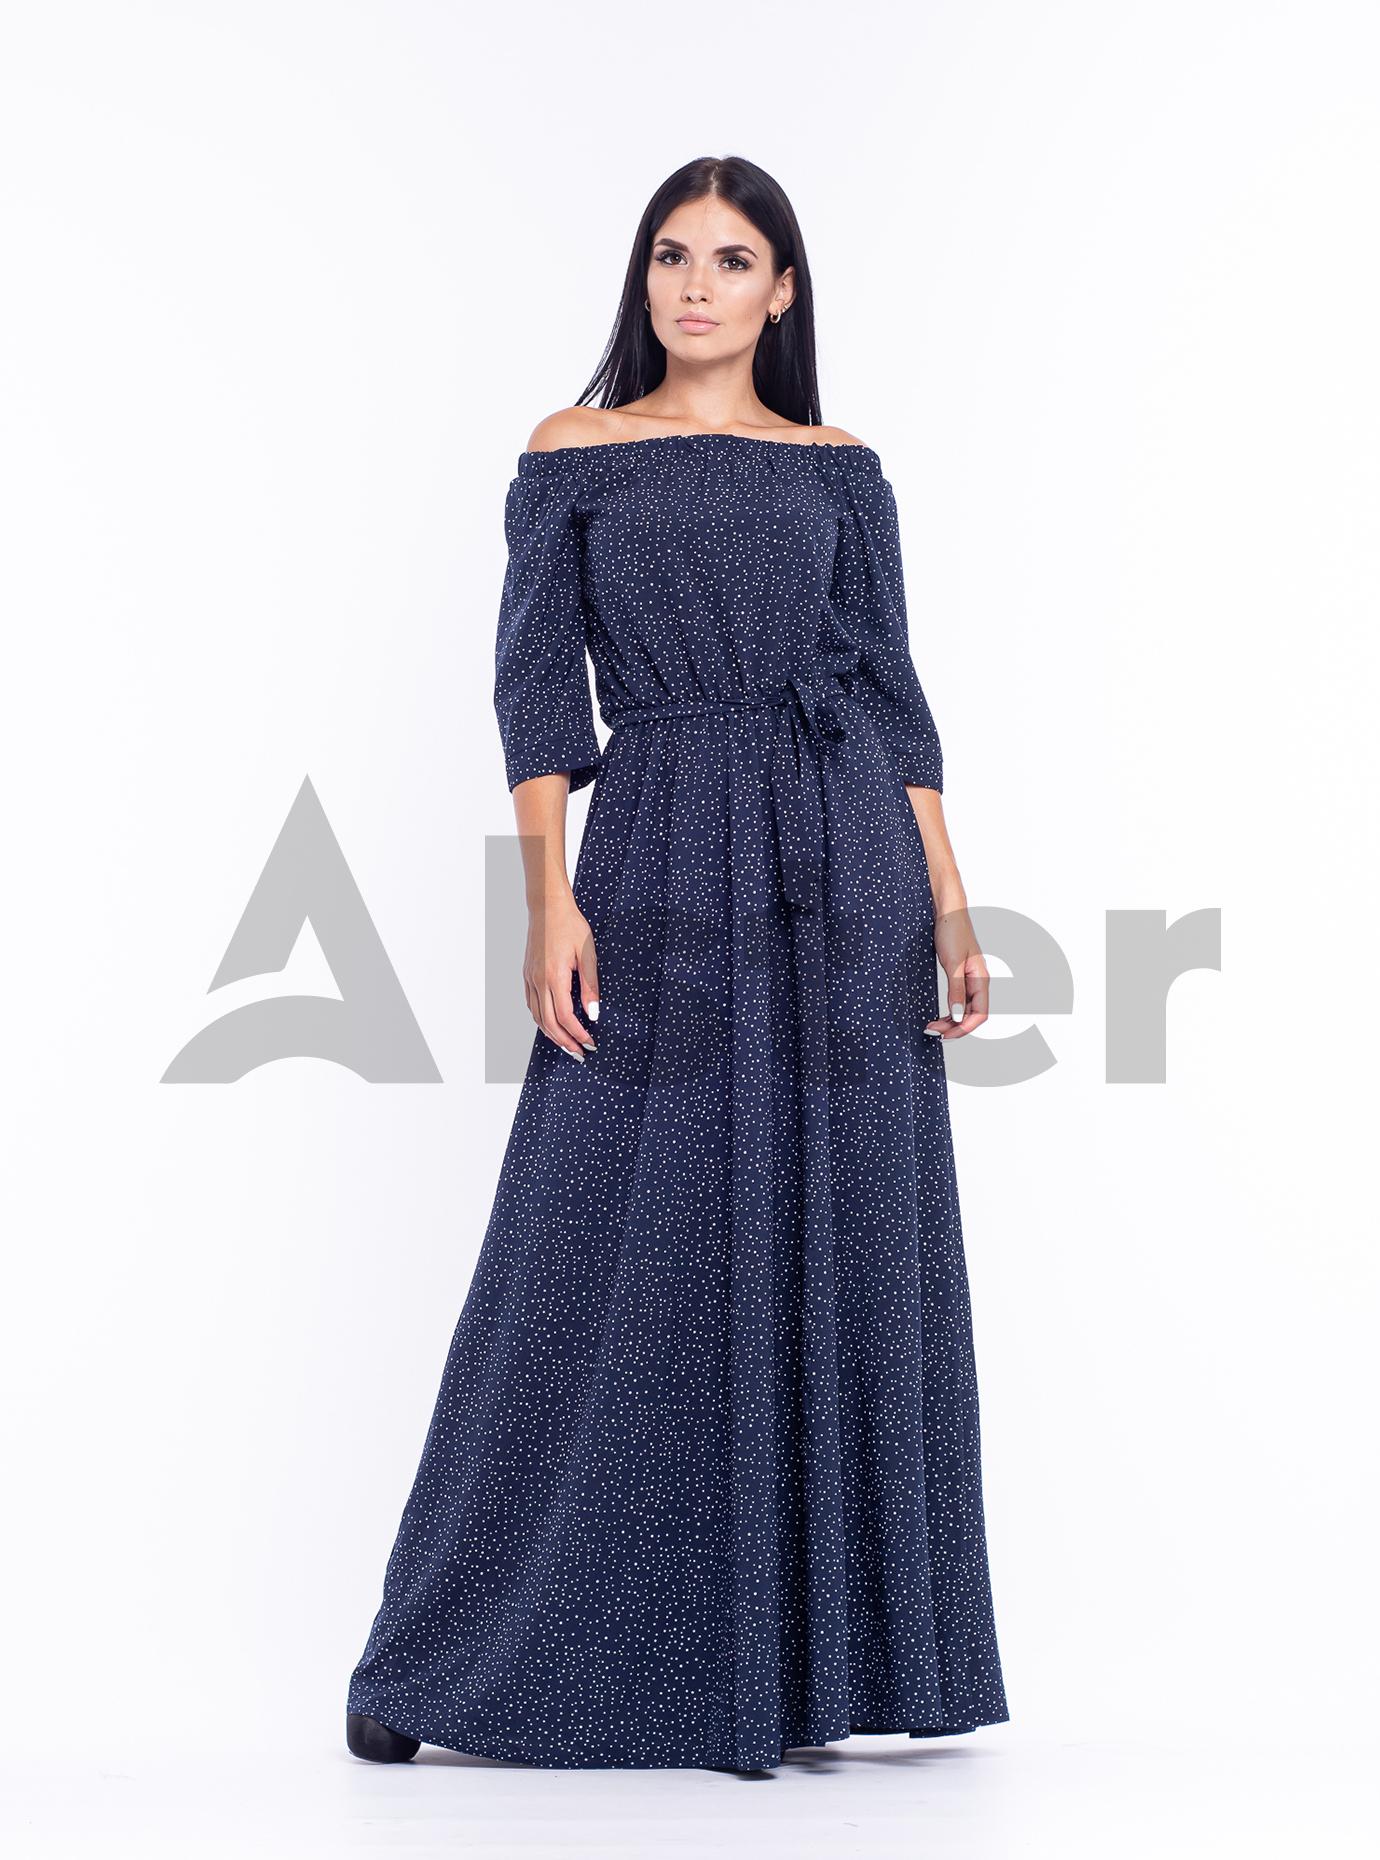 Платье длинное Матрена Тёмно синий 44 (04-8987991): фото - Alster.ua